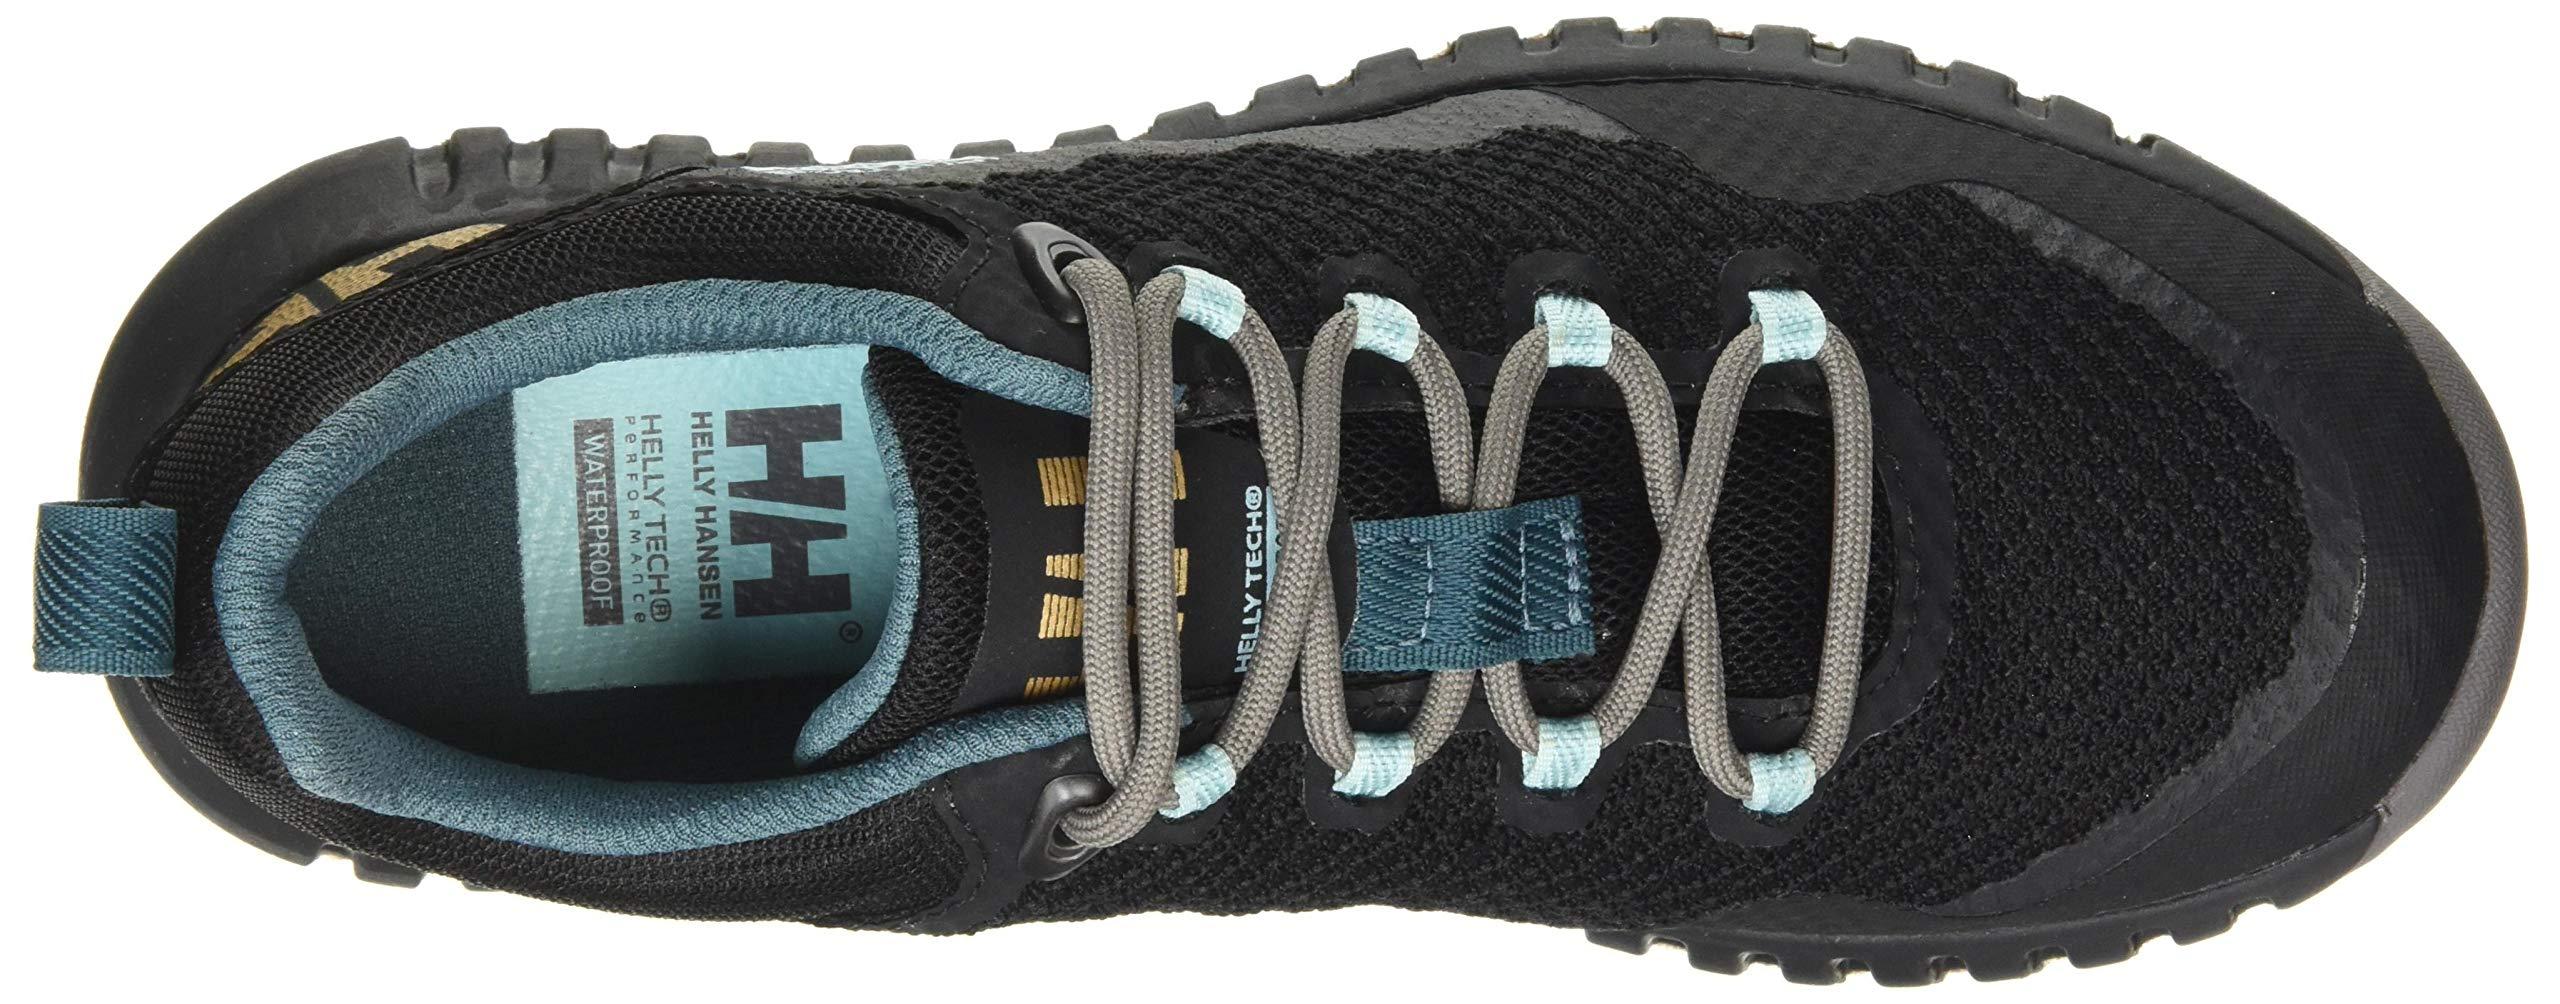 Helly-Hansen Womens Vanir Hegira HT Sneaker-Boot